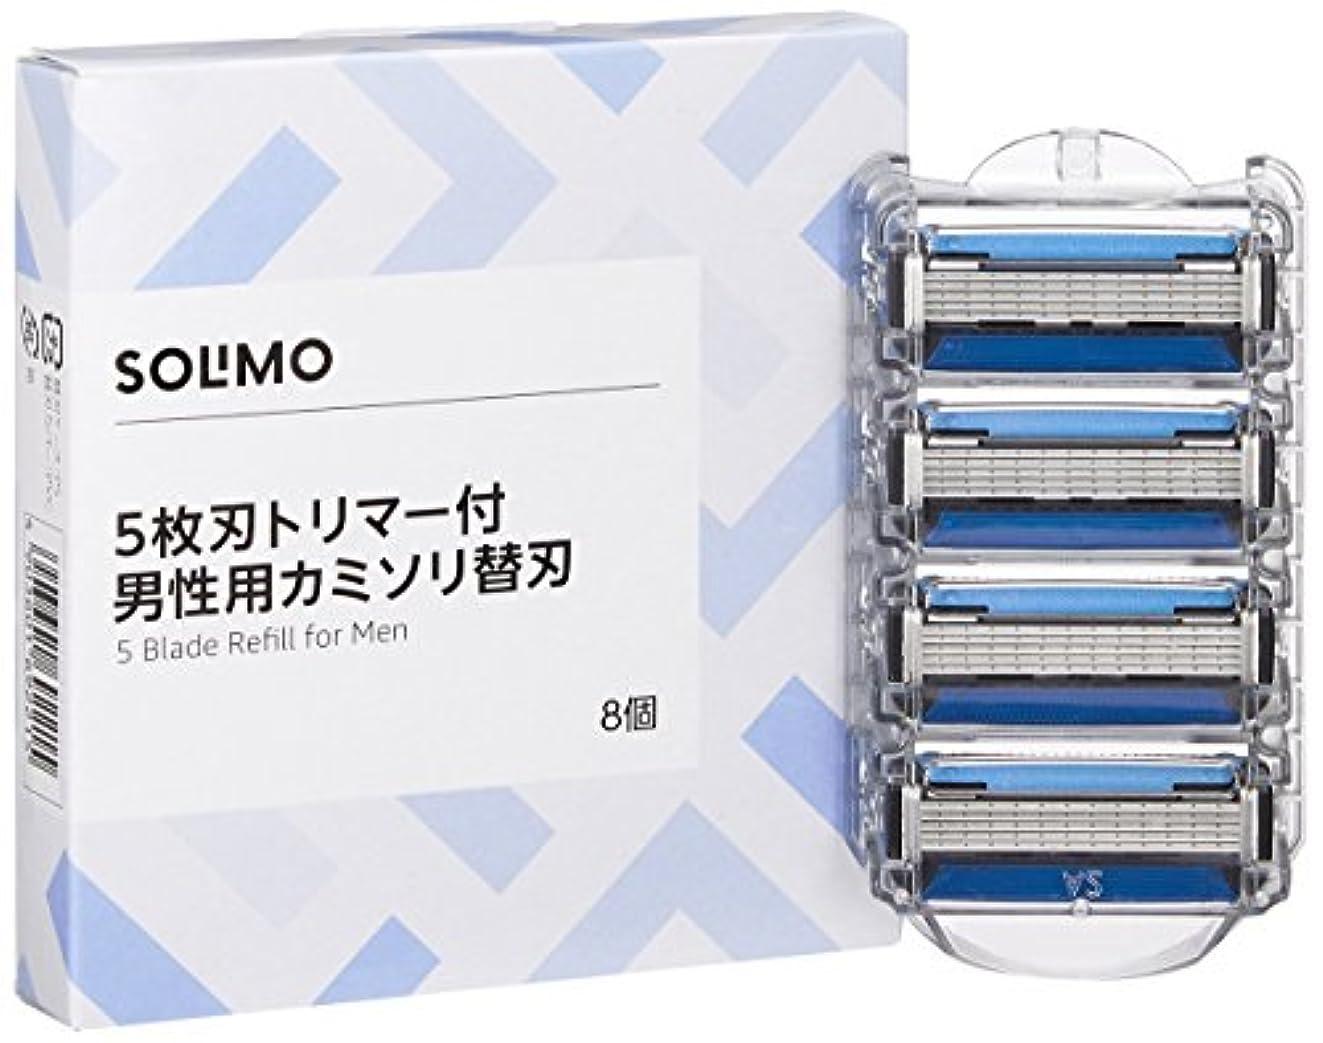 拡張シャックル株式[Amazonブランド]SOLIMO 5枚刃 トリマー付 男性用 カミソリ替刃8個